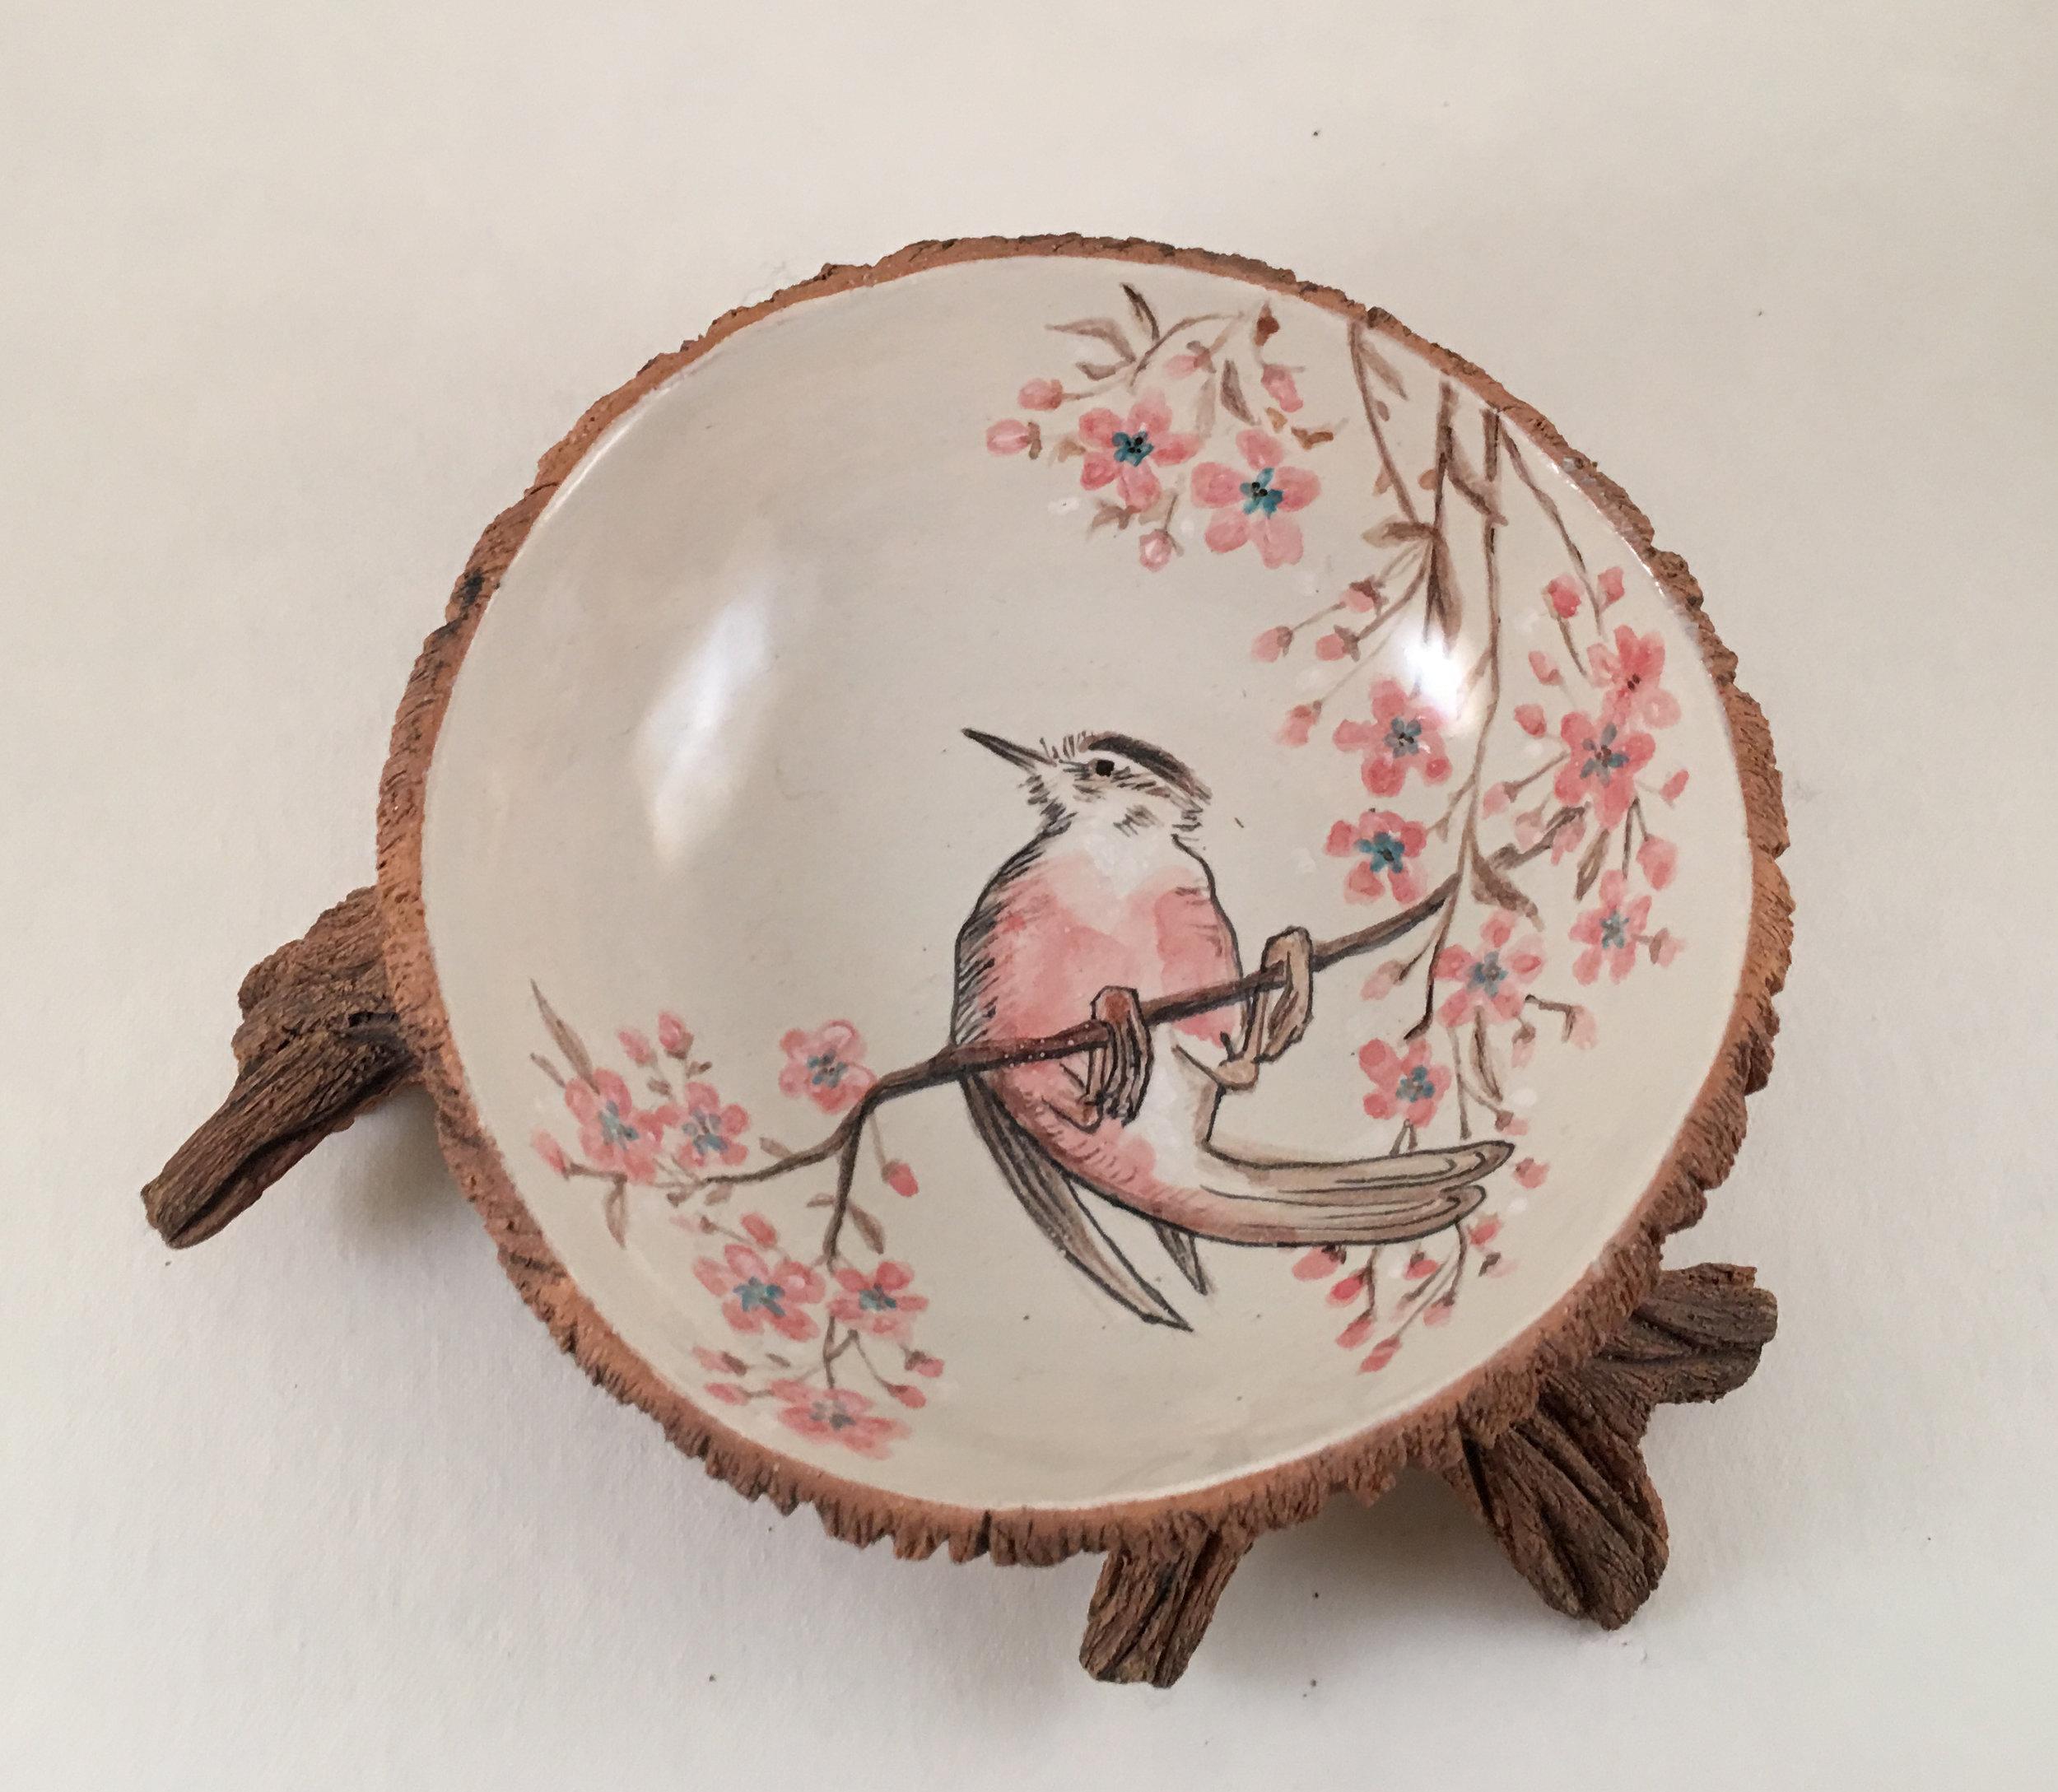 Marina_Smelik_Small plate with a Bird.jpg